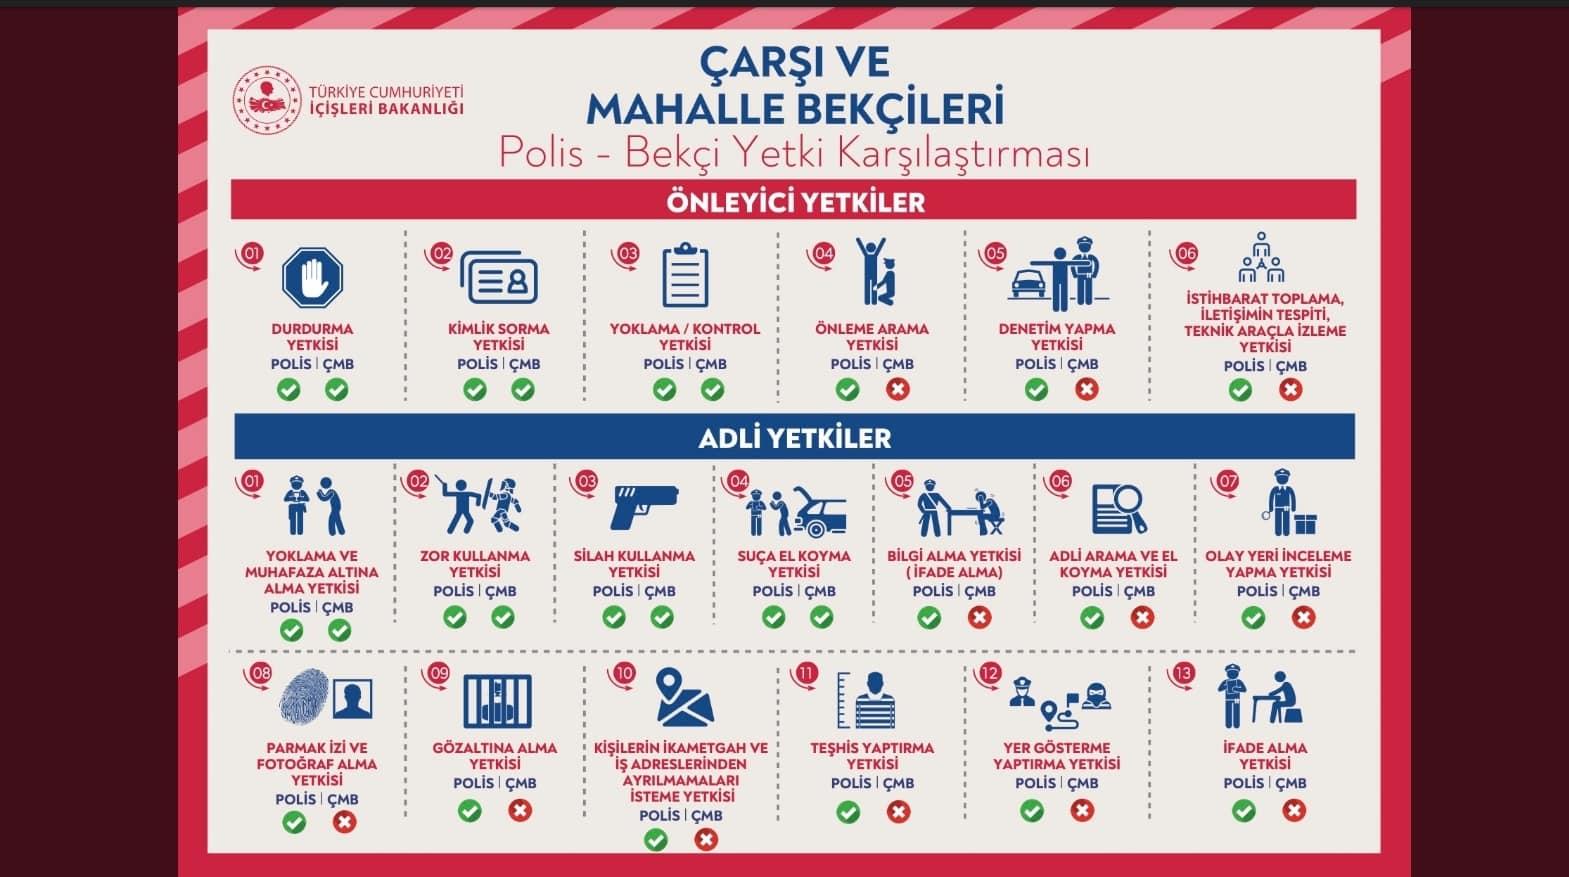 İçişleri Bakanlığı polis - bekçi yetki karşılaştırması